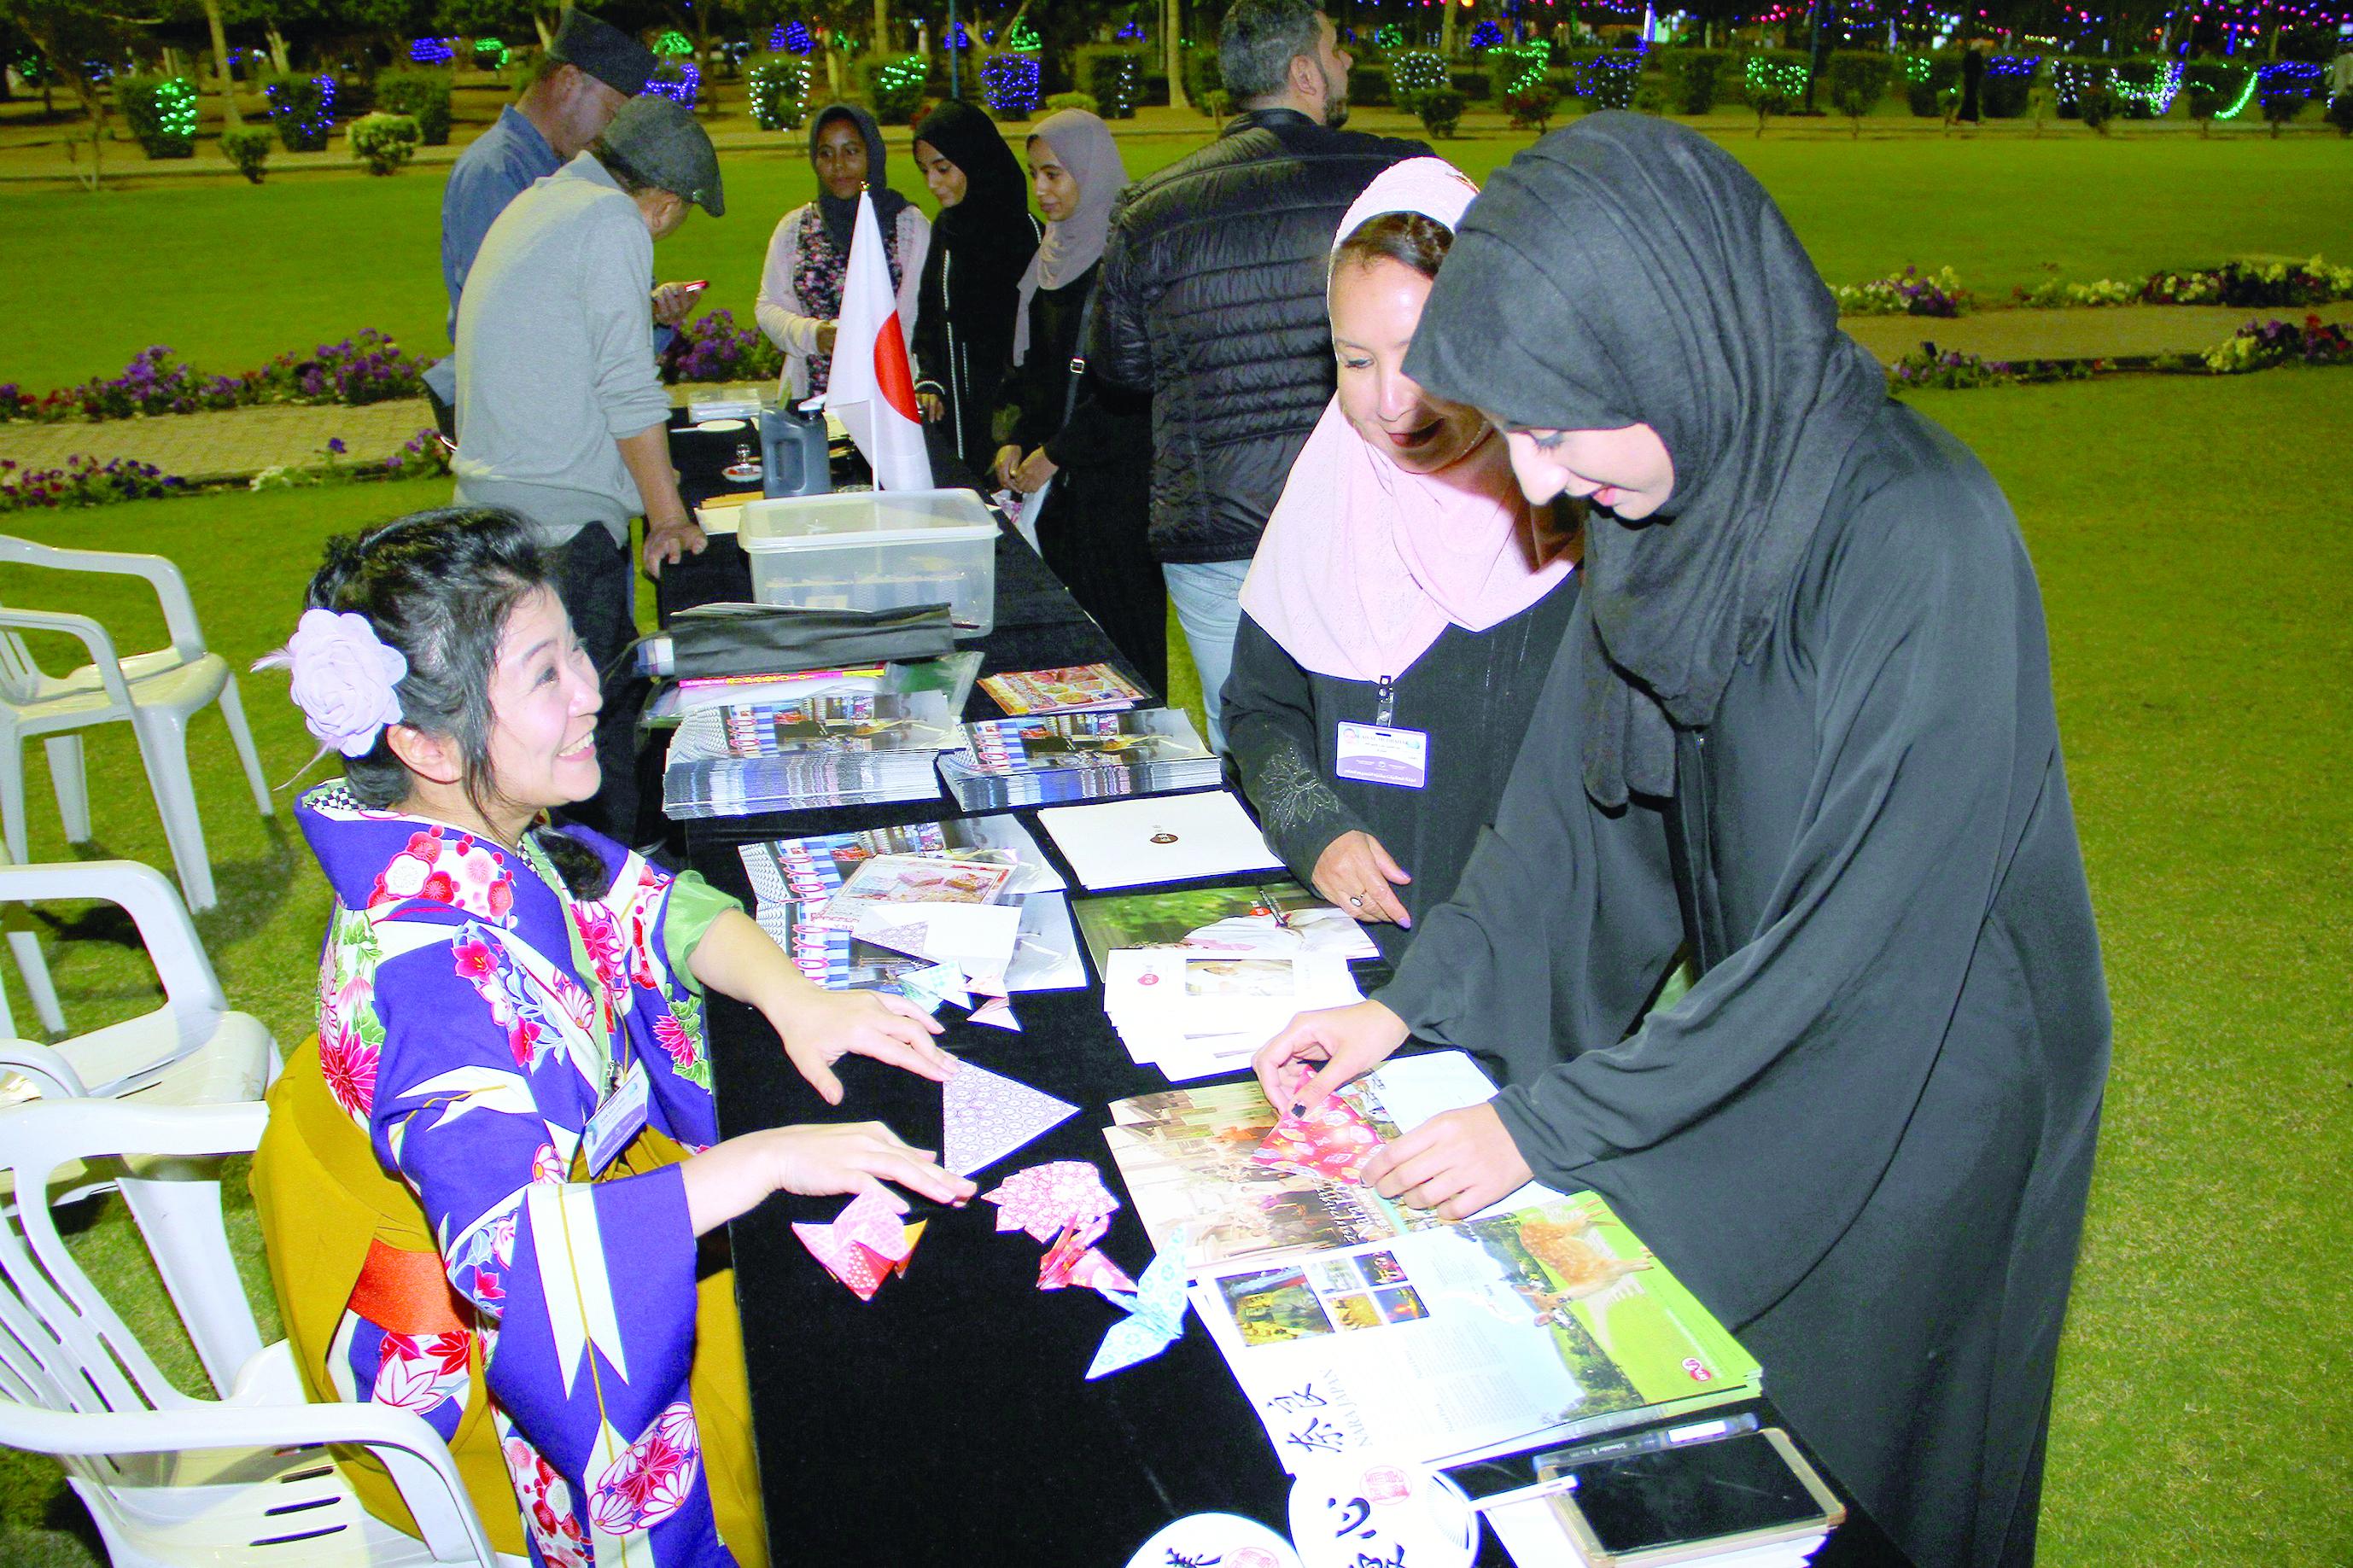 جمعية الصداقة العُمانية اليابانية تستعرض الثقافة والتراث الياباني بمتنزه النسيم